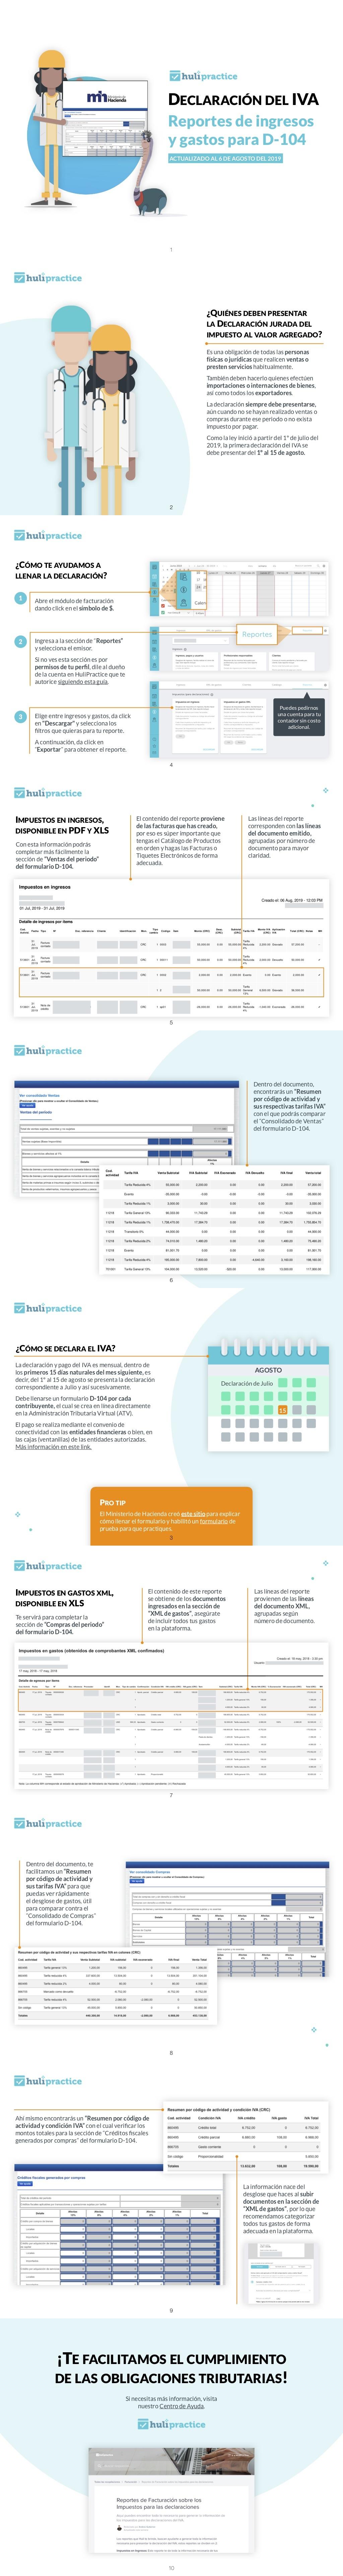 Reportes de ingresos y gastos para D-104